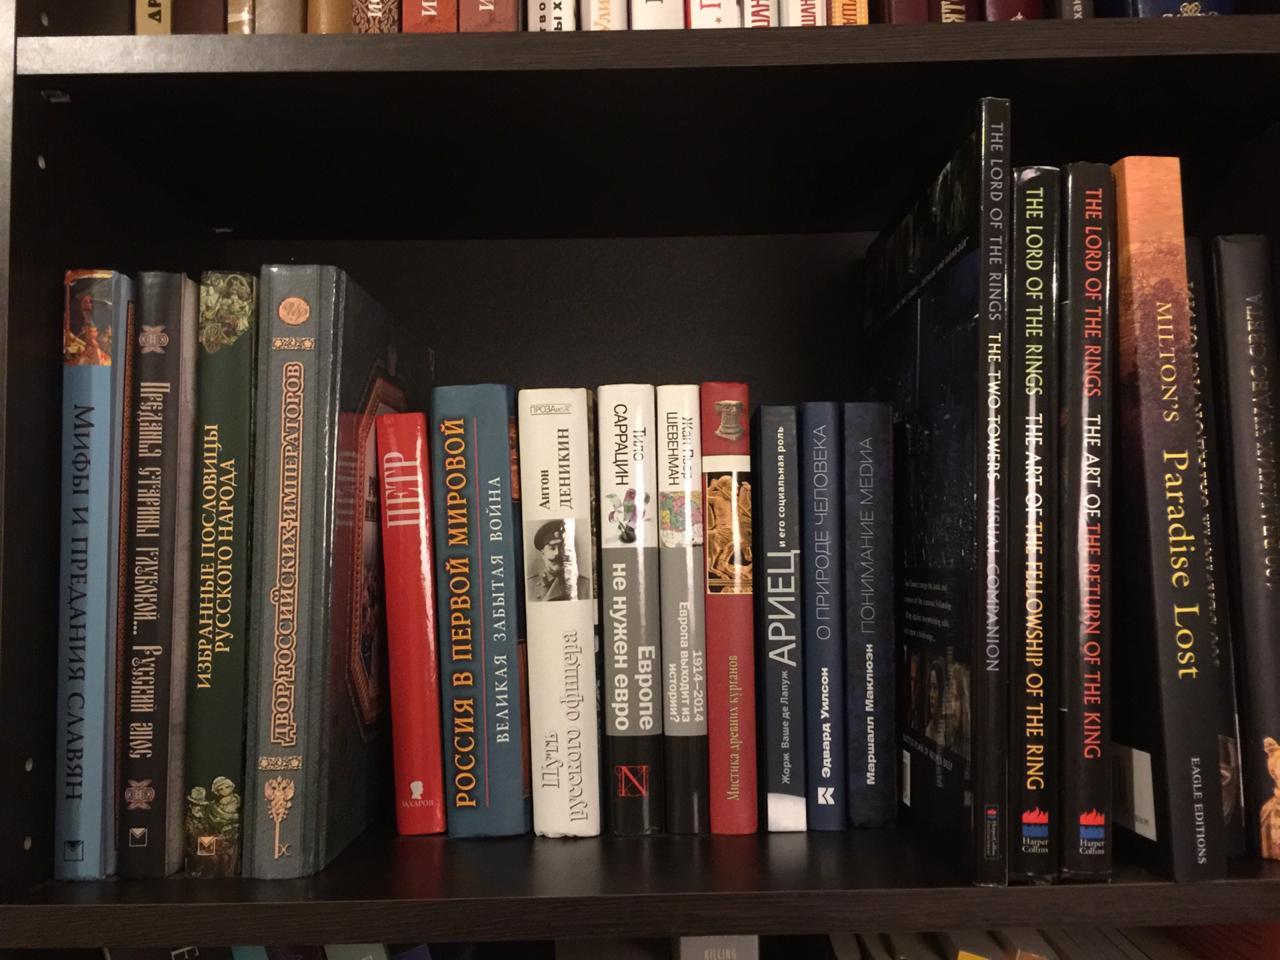 продать книги, скупка книг, как фотографировать